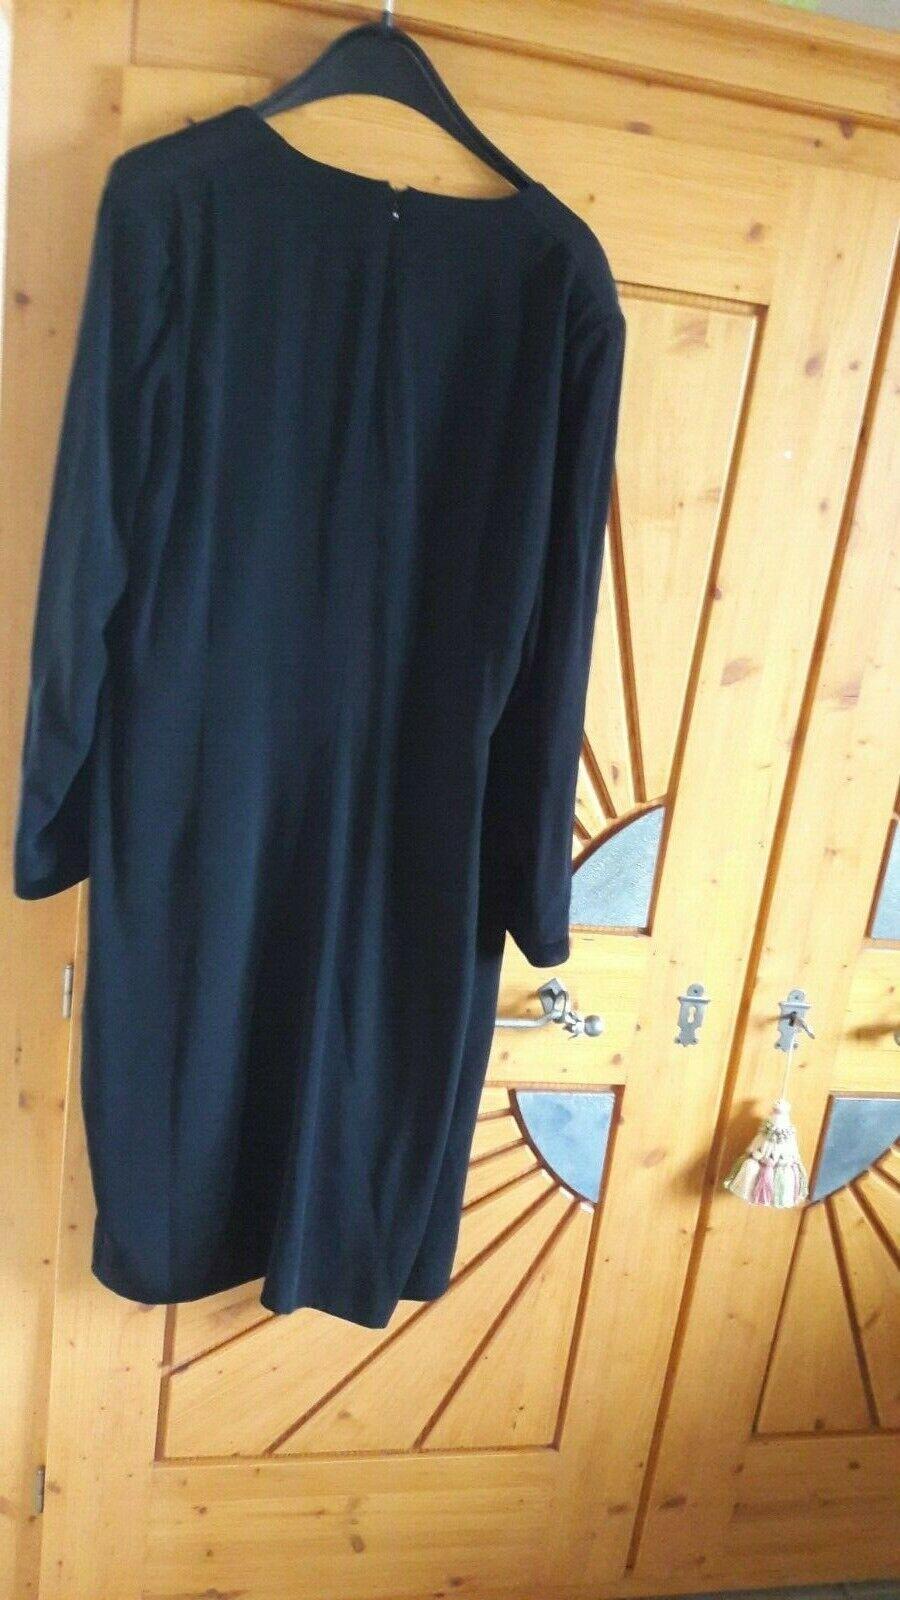 Damen Damen Damen Kleid  ALICIA SWITZERLAND  Gr. 46 | Tragen-wider  | Vogue  ed9cff